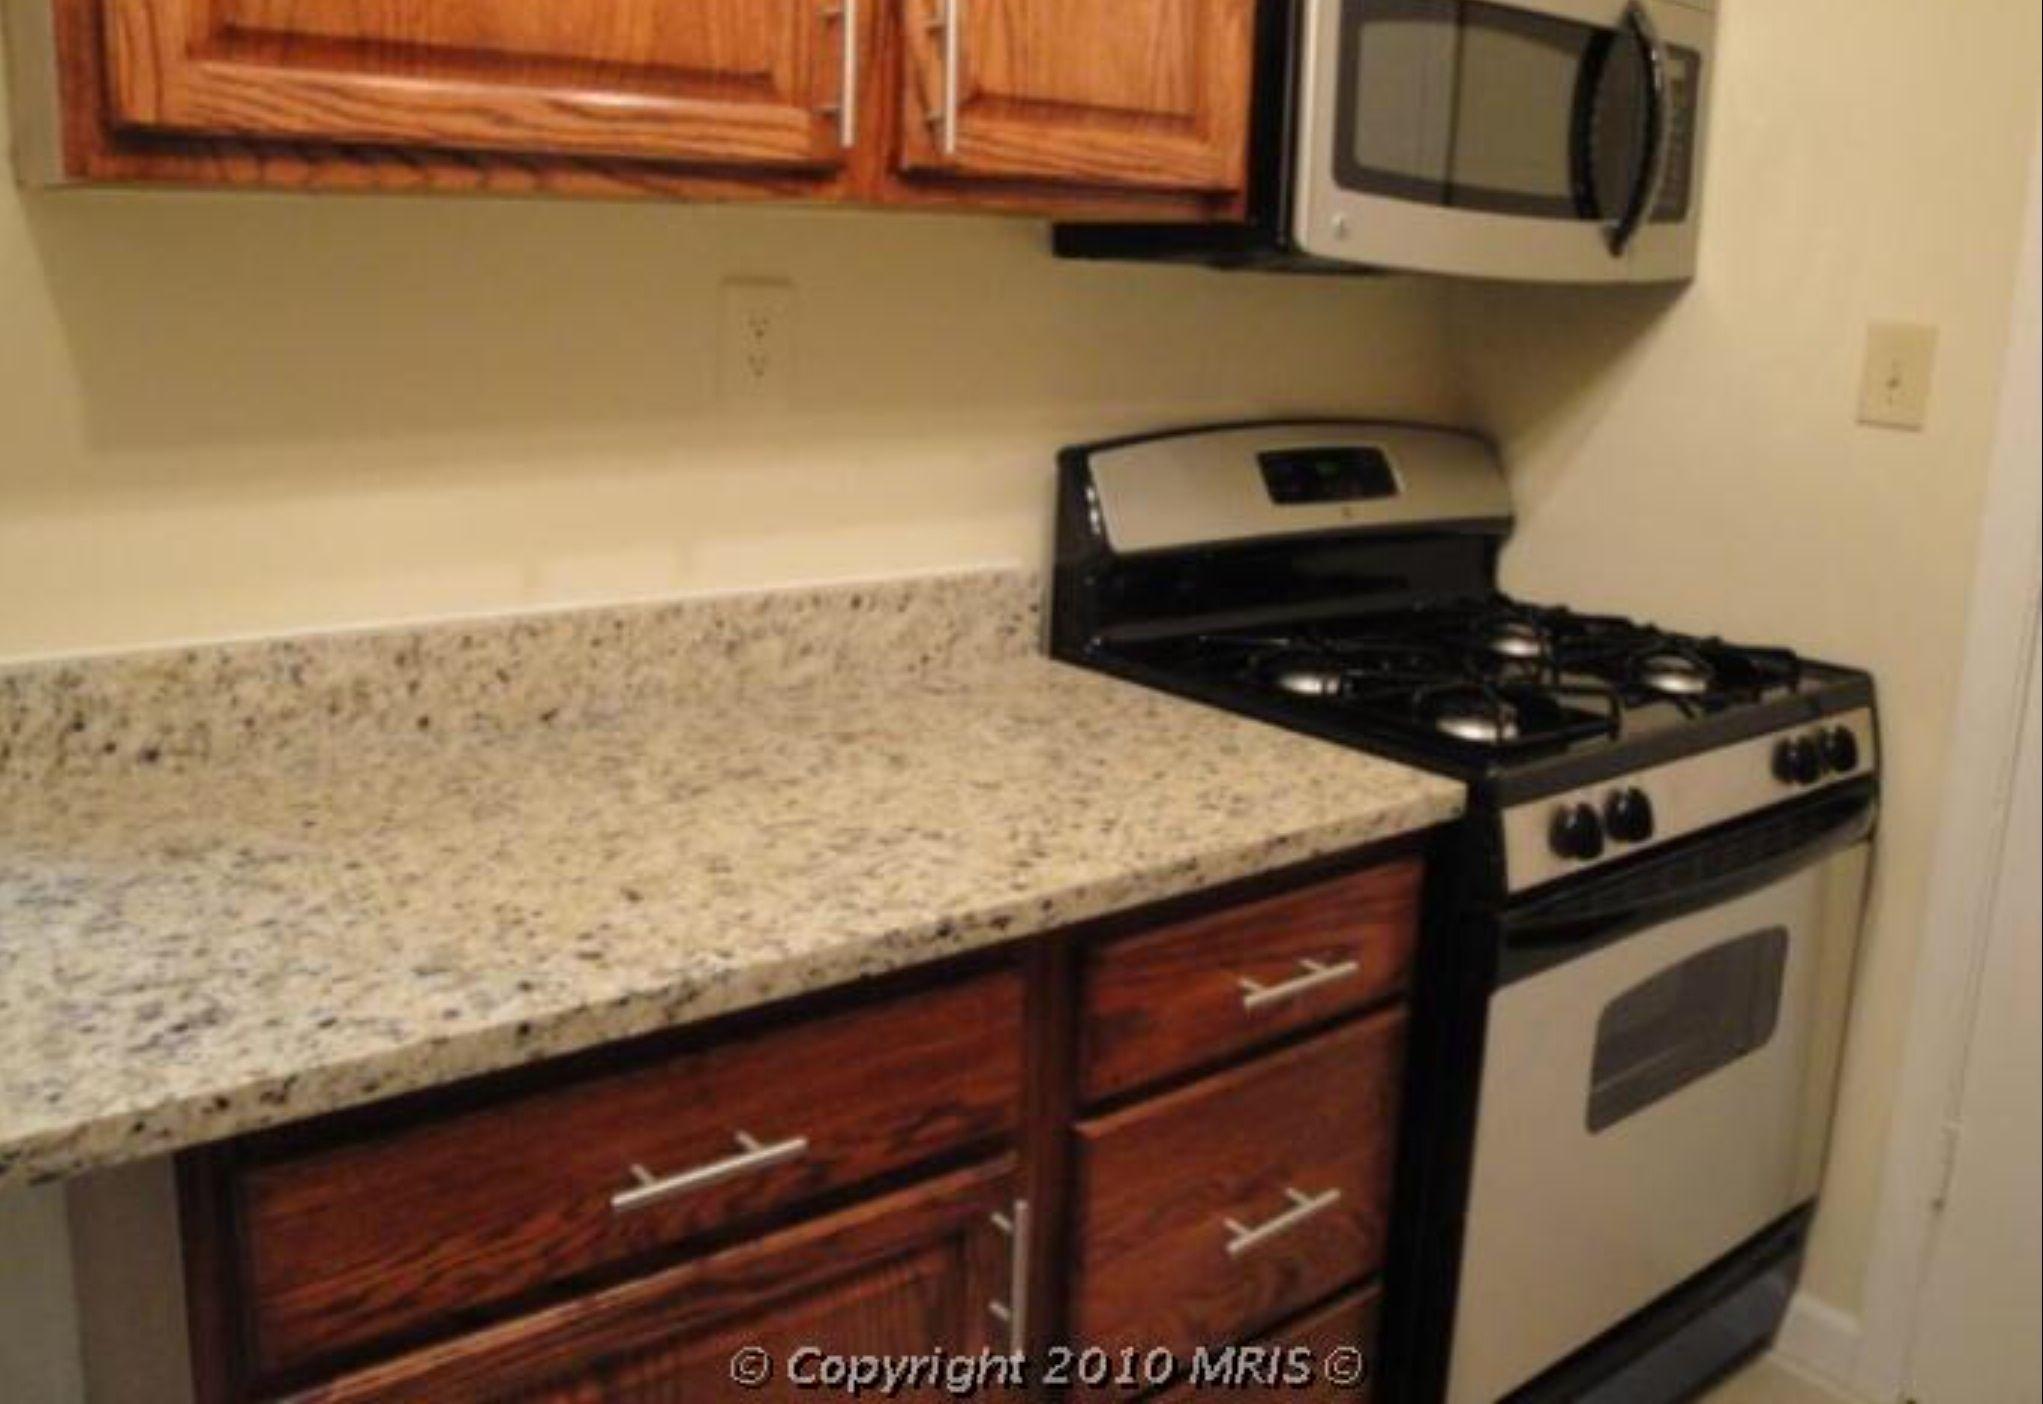 Galley Kitchen, counter